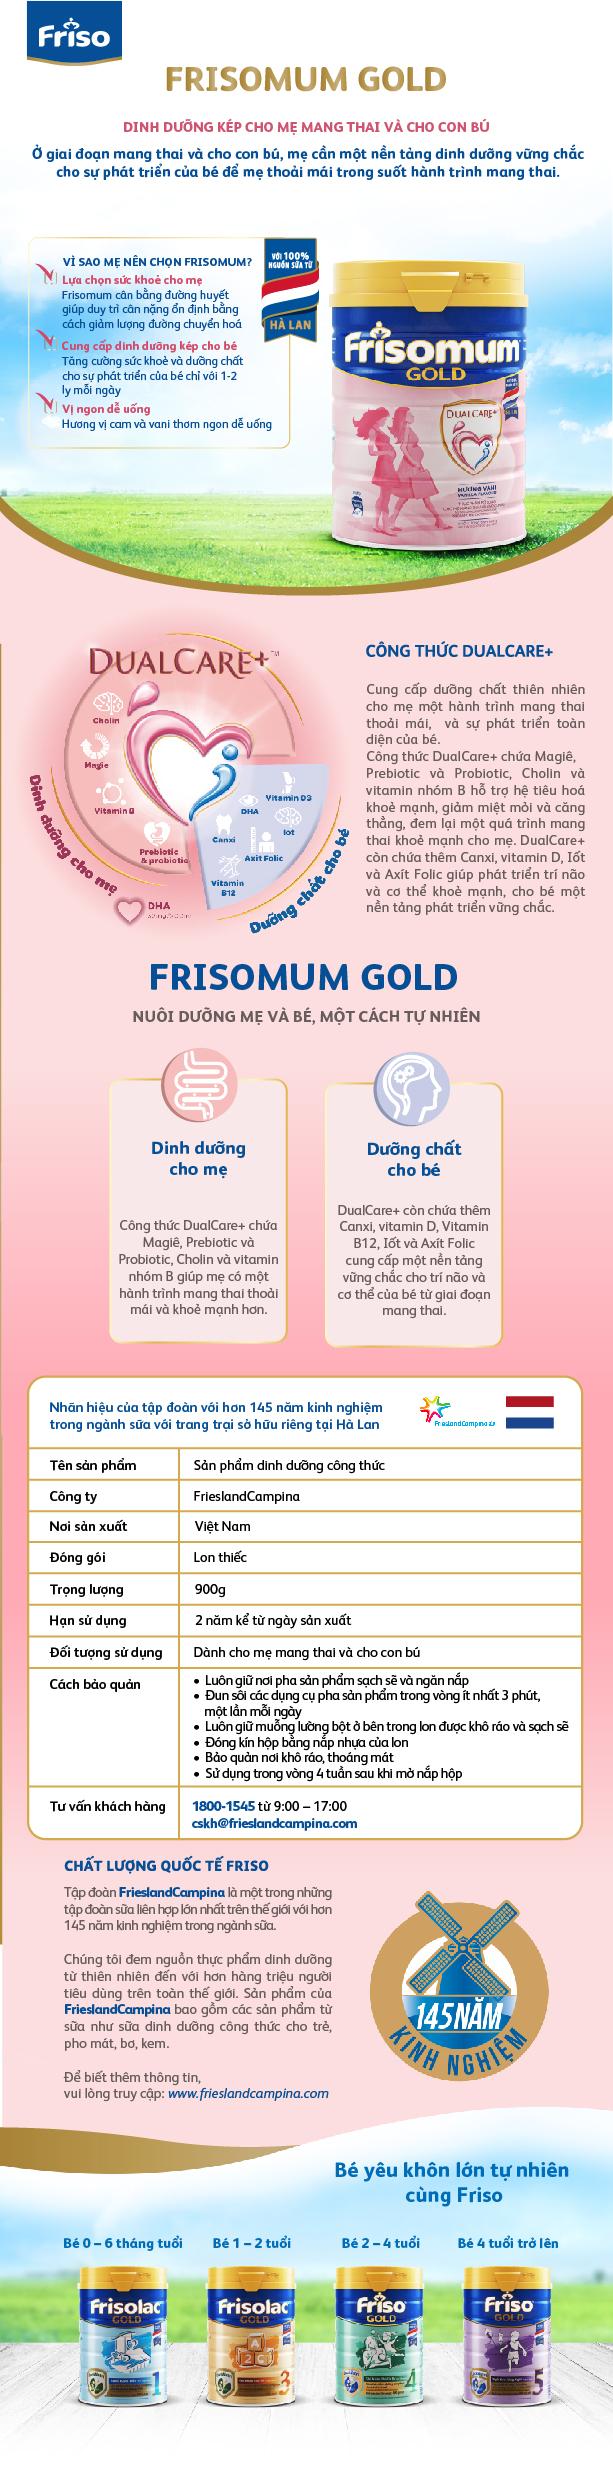 Sữa Bột Friso mum Gold Hương Vani (900g)